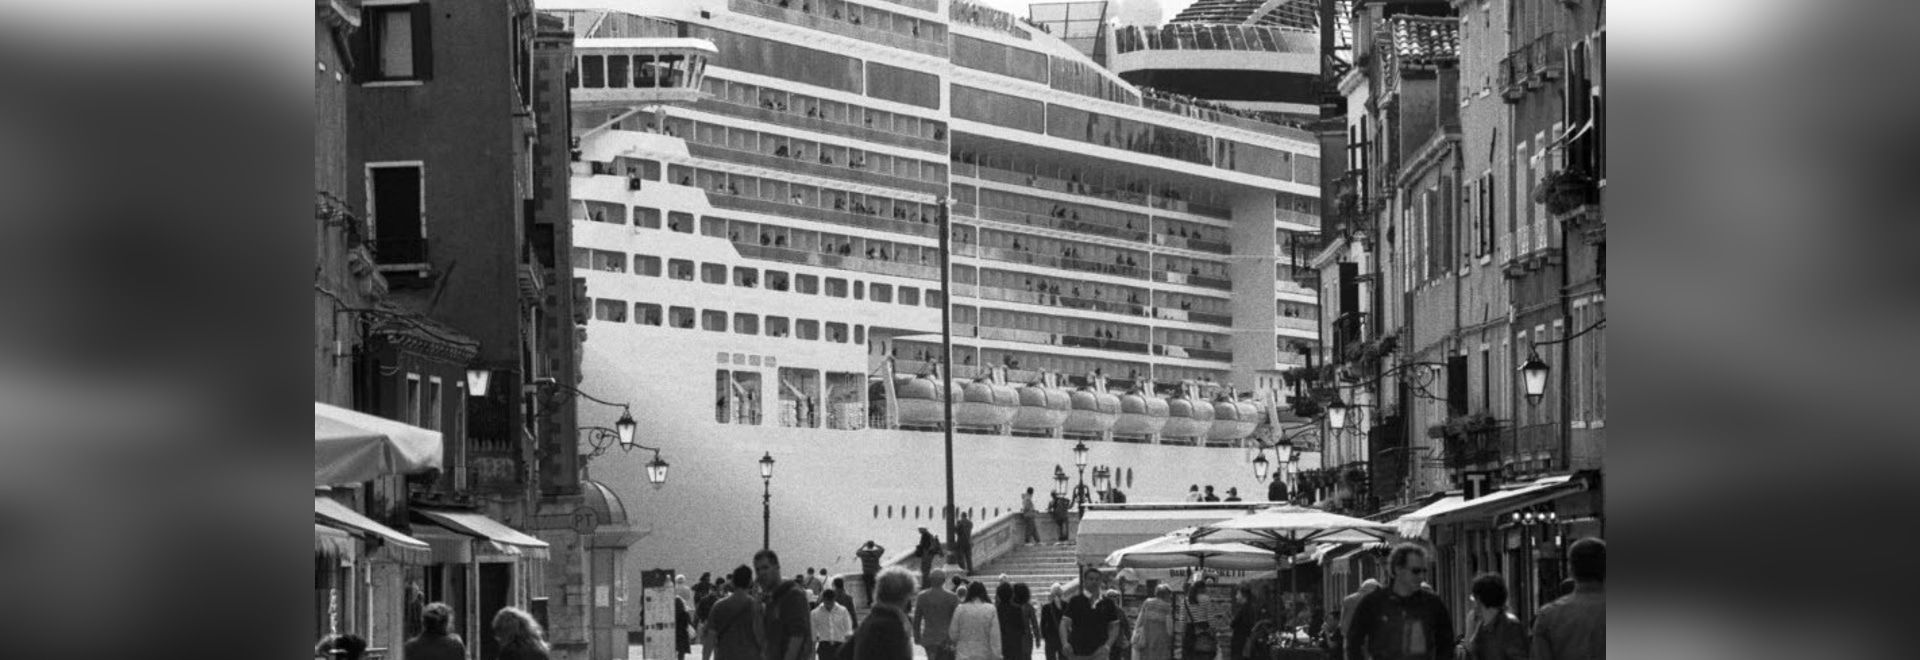 Gianni Berengo Gardin, Venezia e le grandi navi.